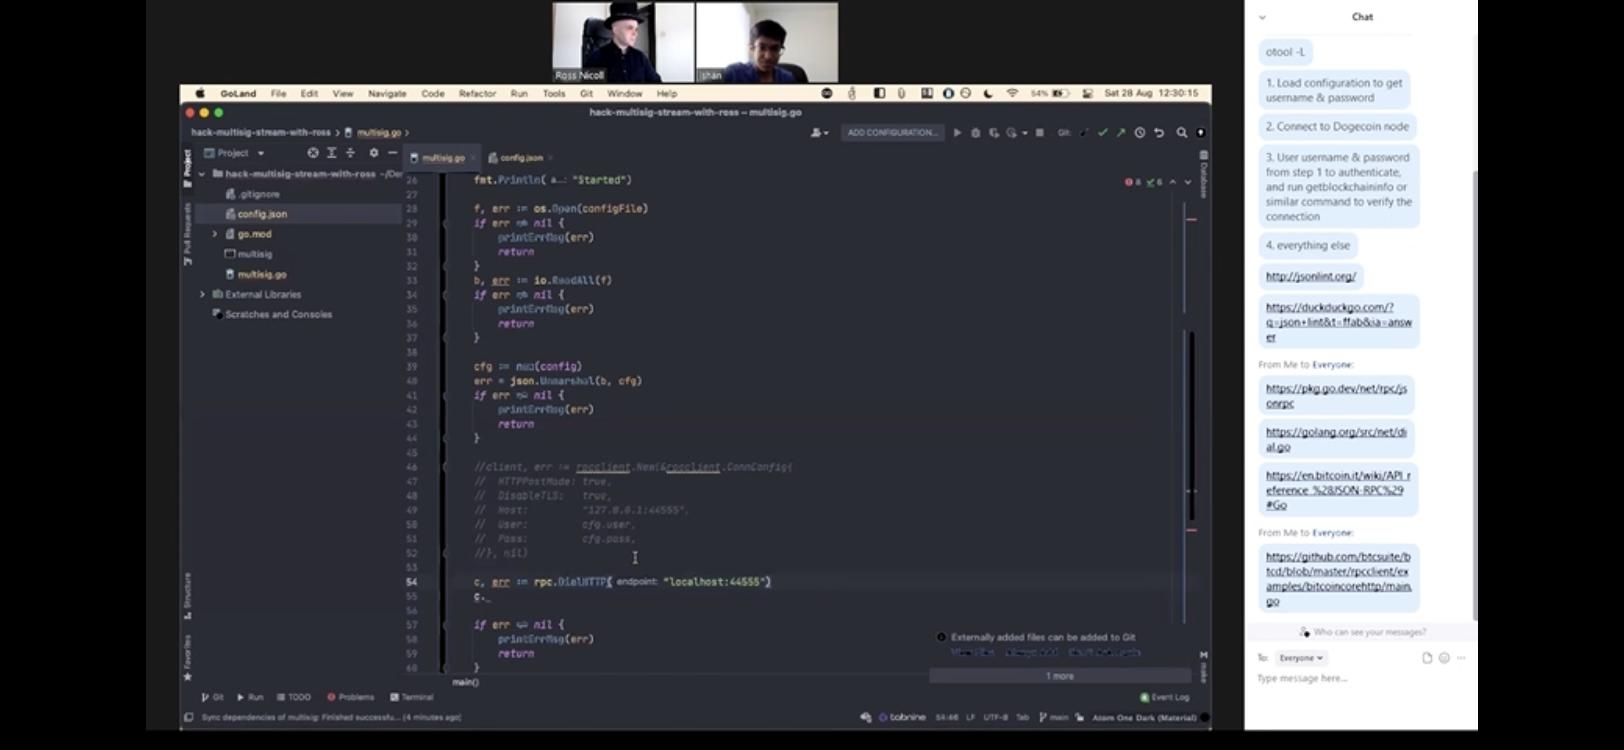 https://cloud-7amsx18in-hack-club-bot.vercel.app/0image_from_ios.png